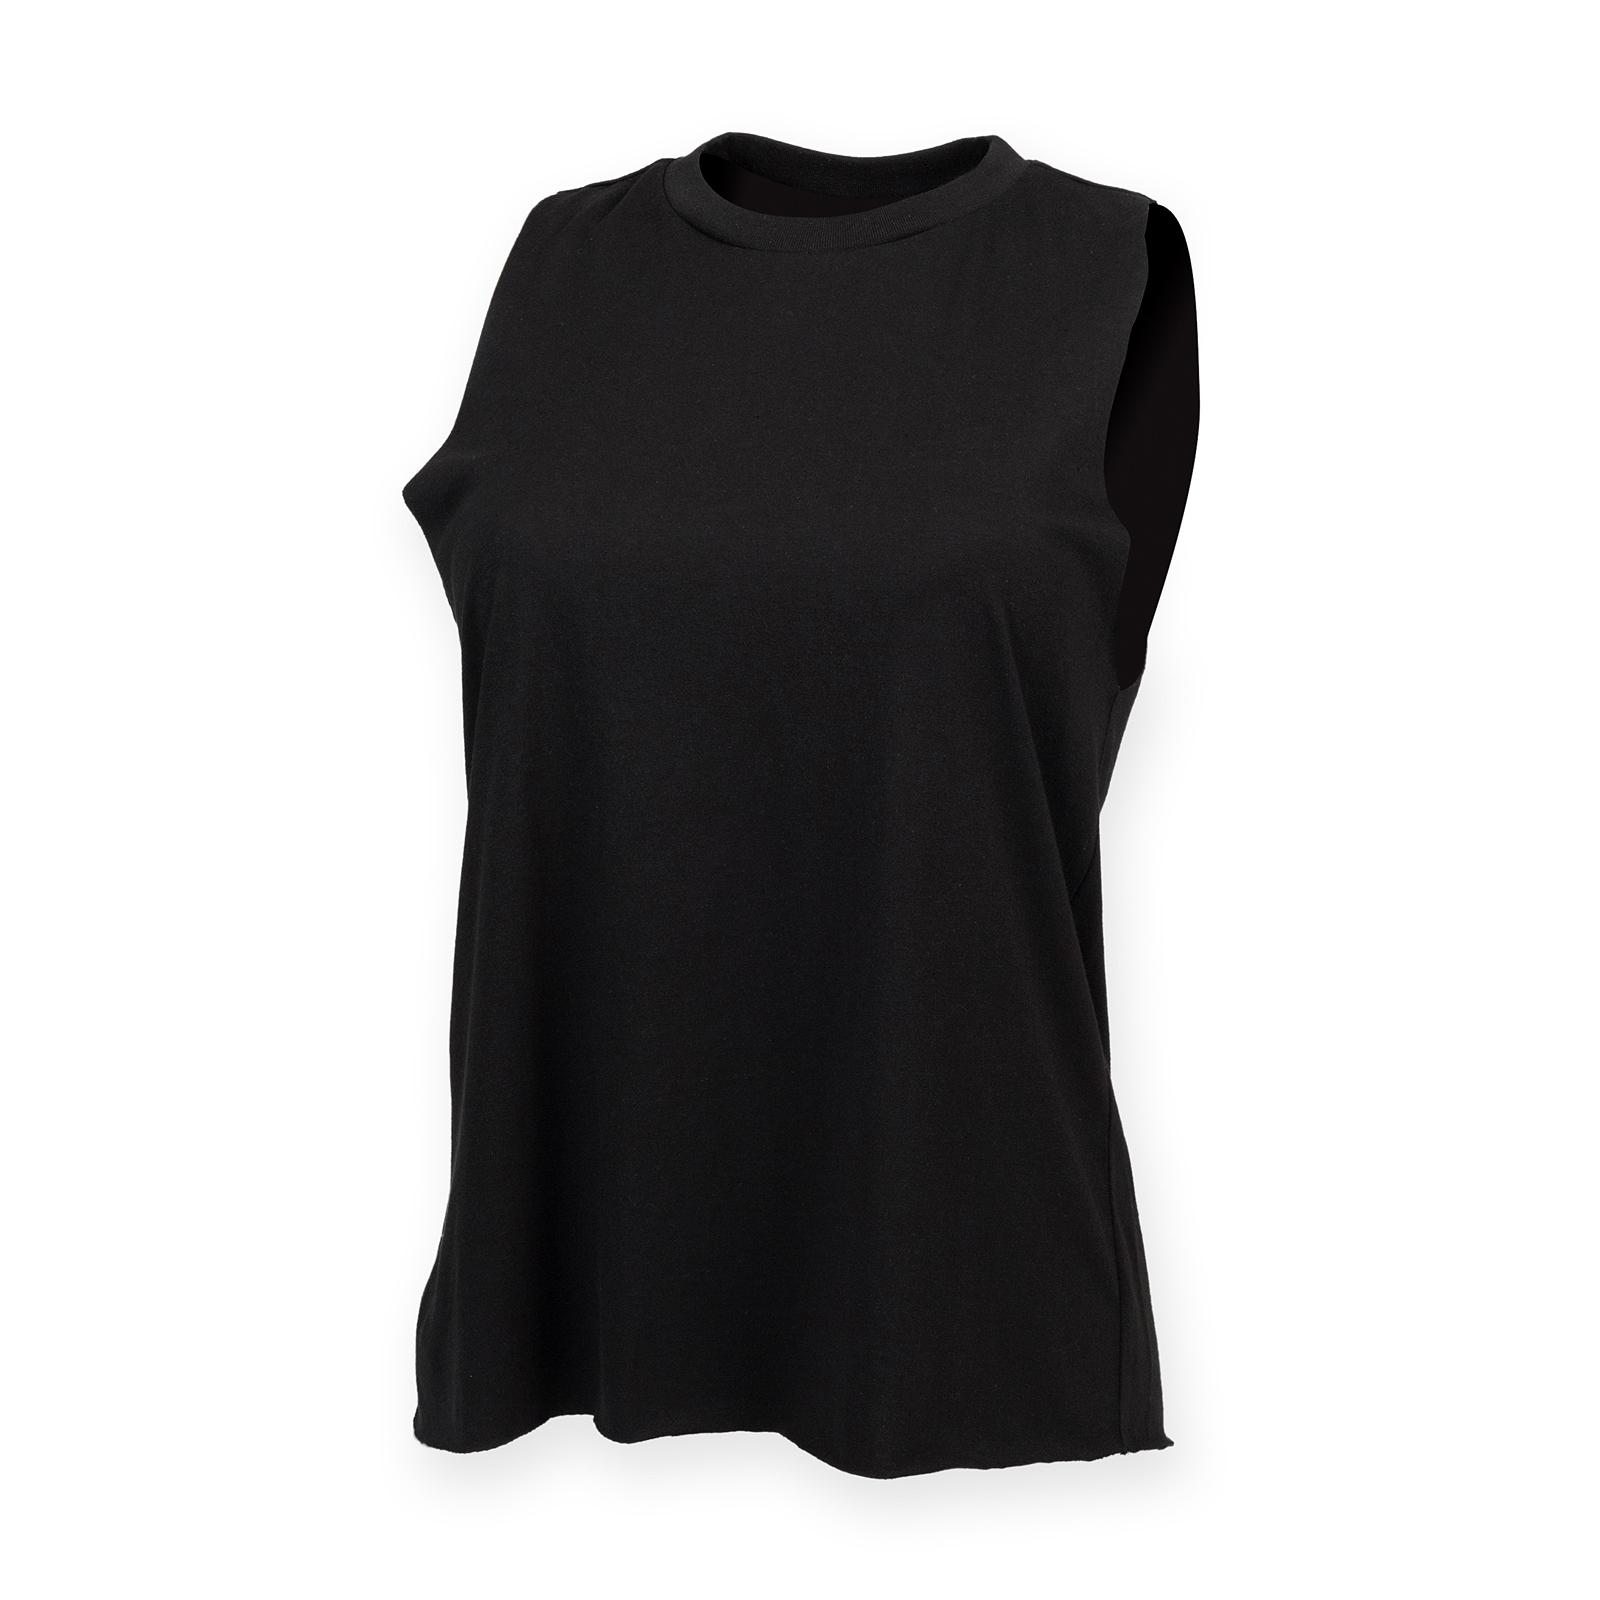 Senoras-chaleco-cuello-alto-SF-Para-Mujer-Elegante-Cuello-Acanalado-Sin-Mangas-Liso-Camiseta-Top